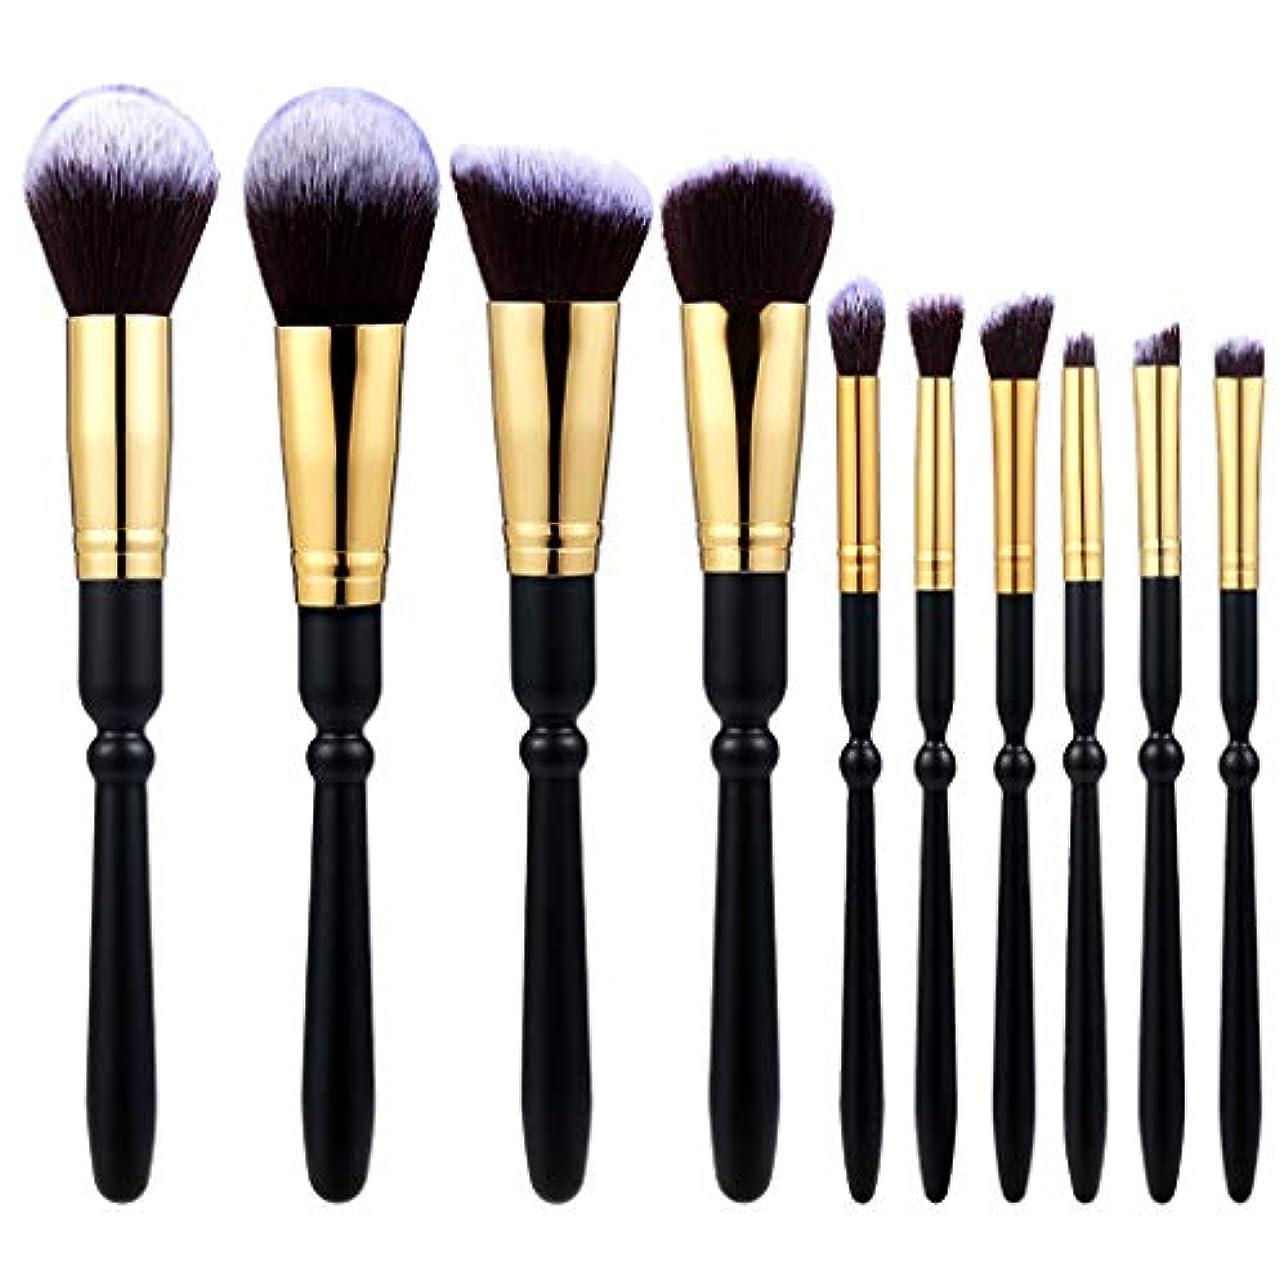 本寄託ダルセットAkane 10本 美感 上等 優雅 ブラック 綺麗 たっぷり 多機能 便利 高級 魅力的 柔らかい おしゃれ 激安 日常 仕事 Makeup Brush メイクアップブラシ TMB10-2021